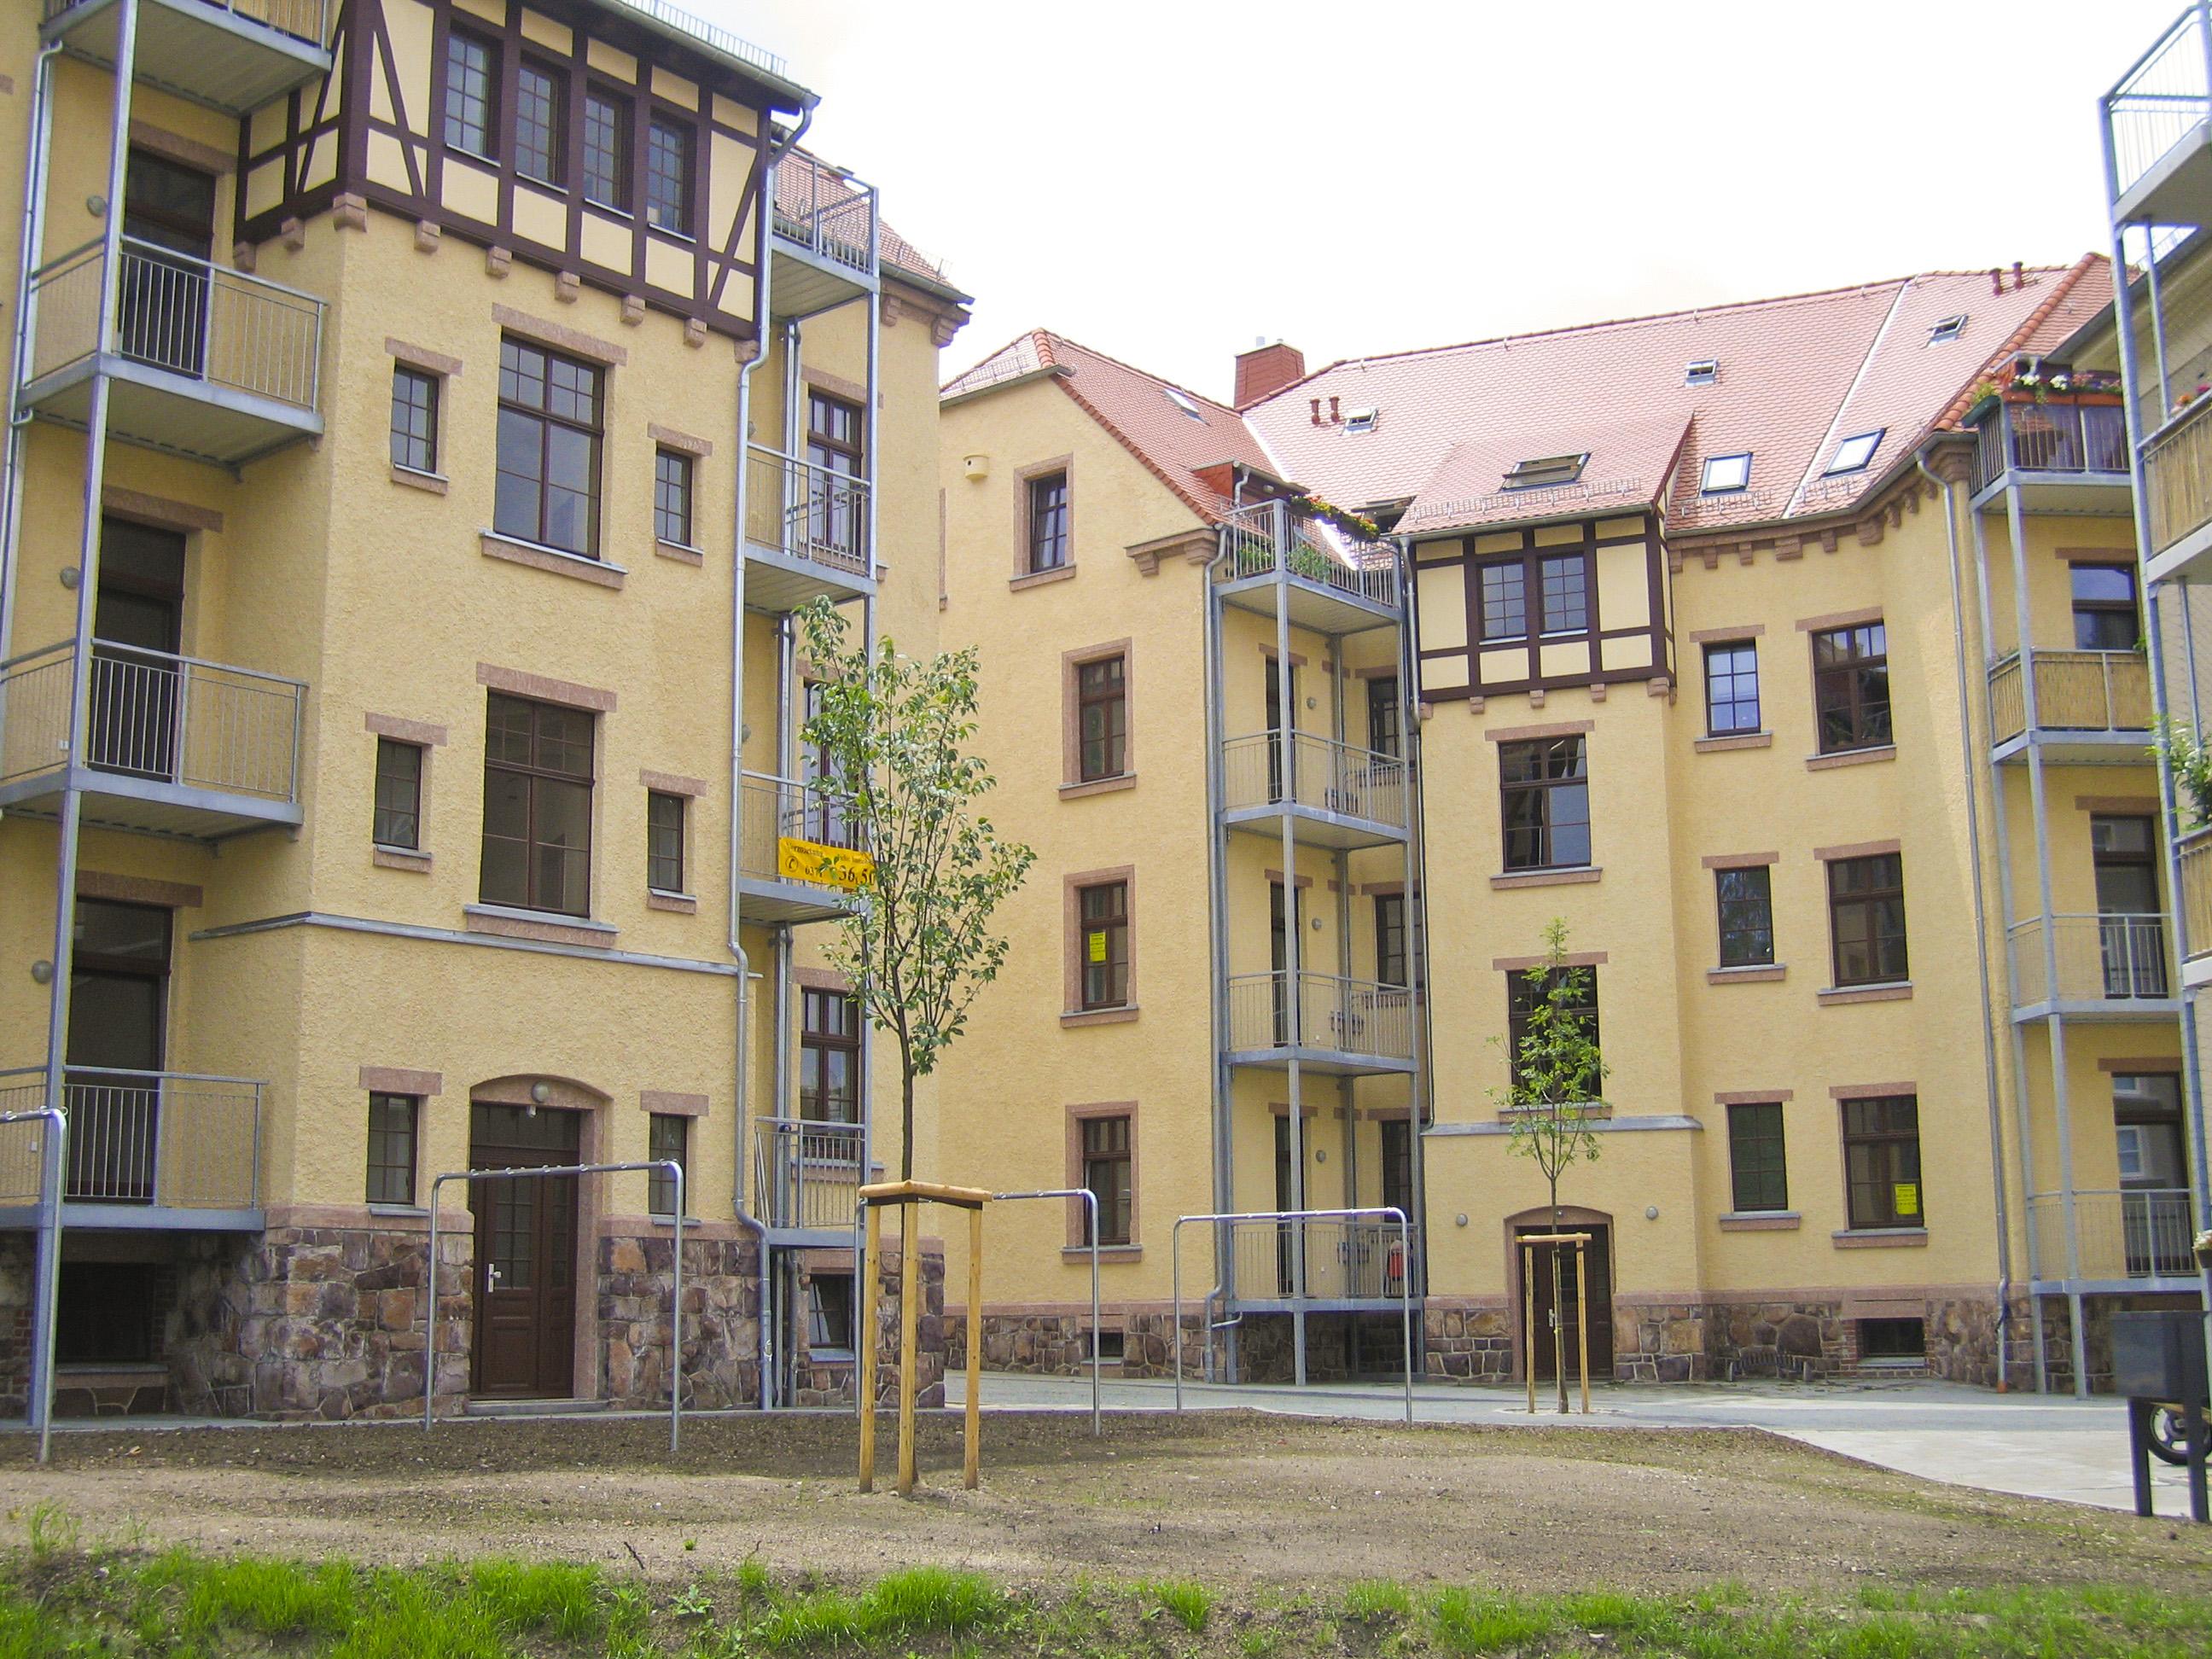 Architekt chemnitz haus dekoration - Architekt chemnitz ...